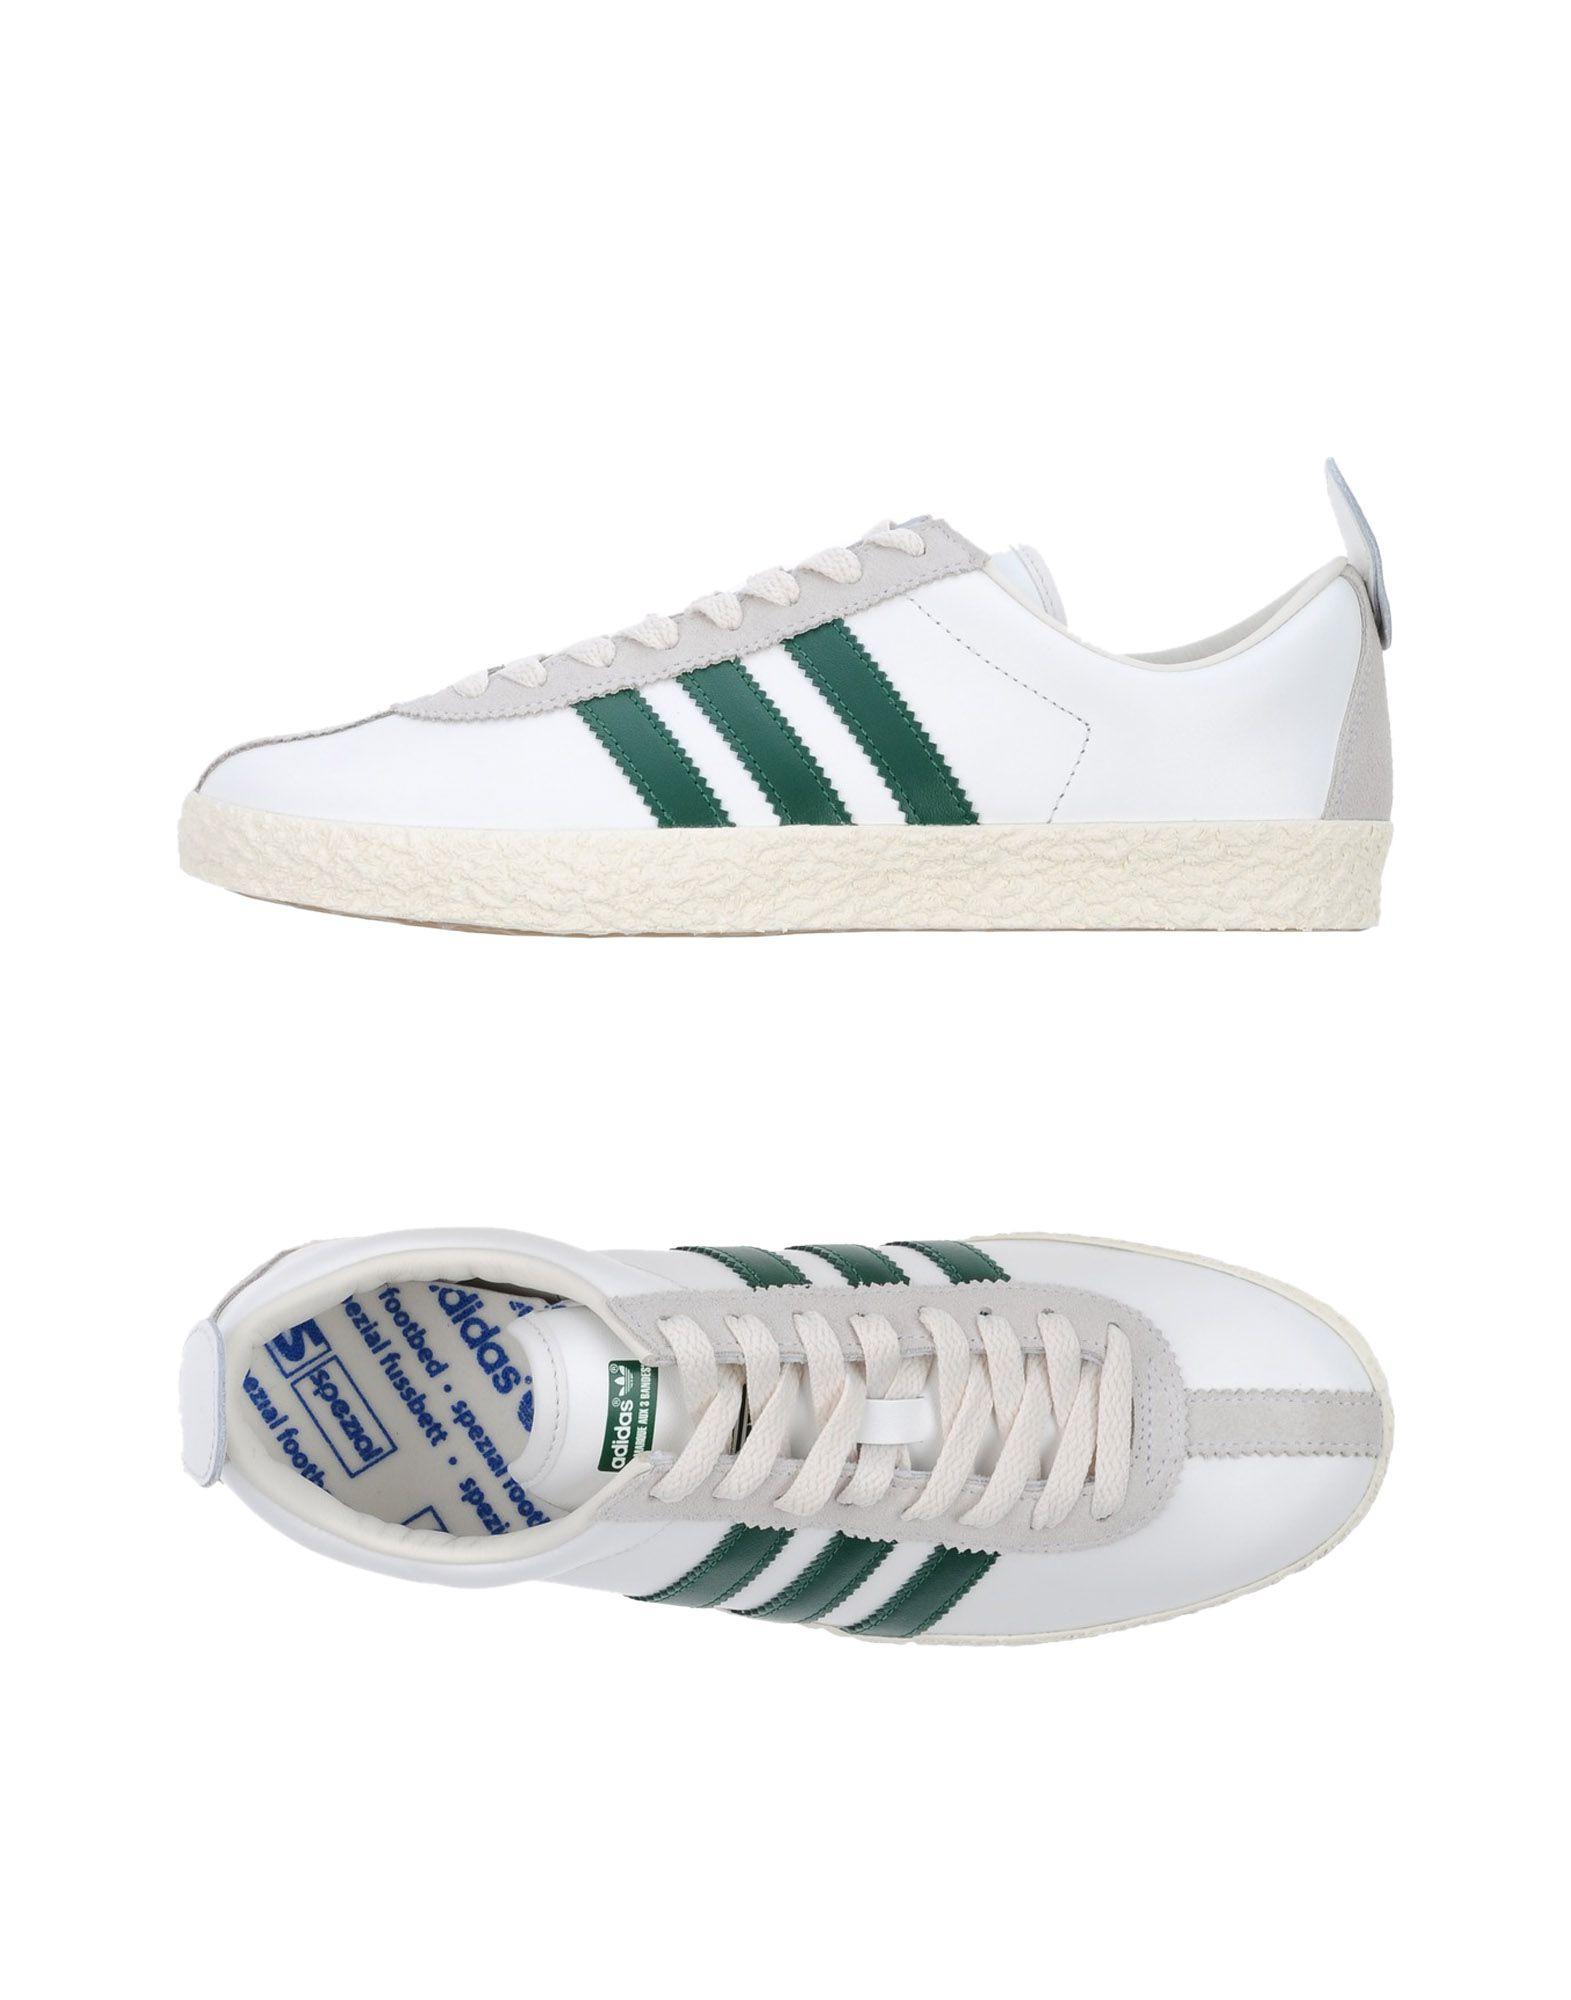 best service ebc77 17bca Adidas Originals Παπουτσια Παπούτσια Τένις Χαμηλά